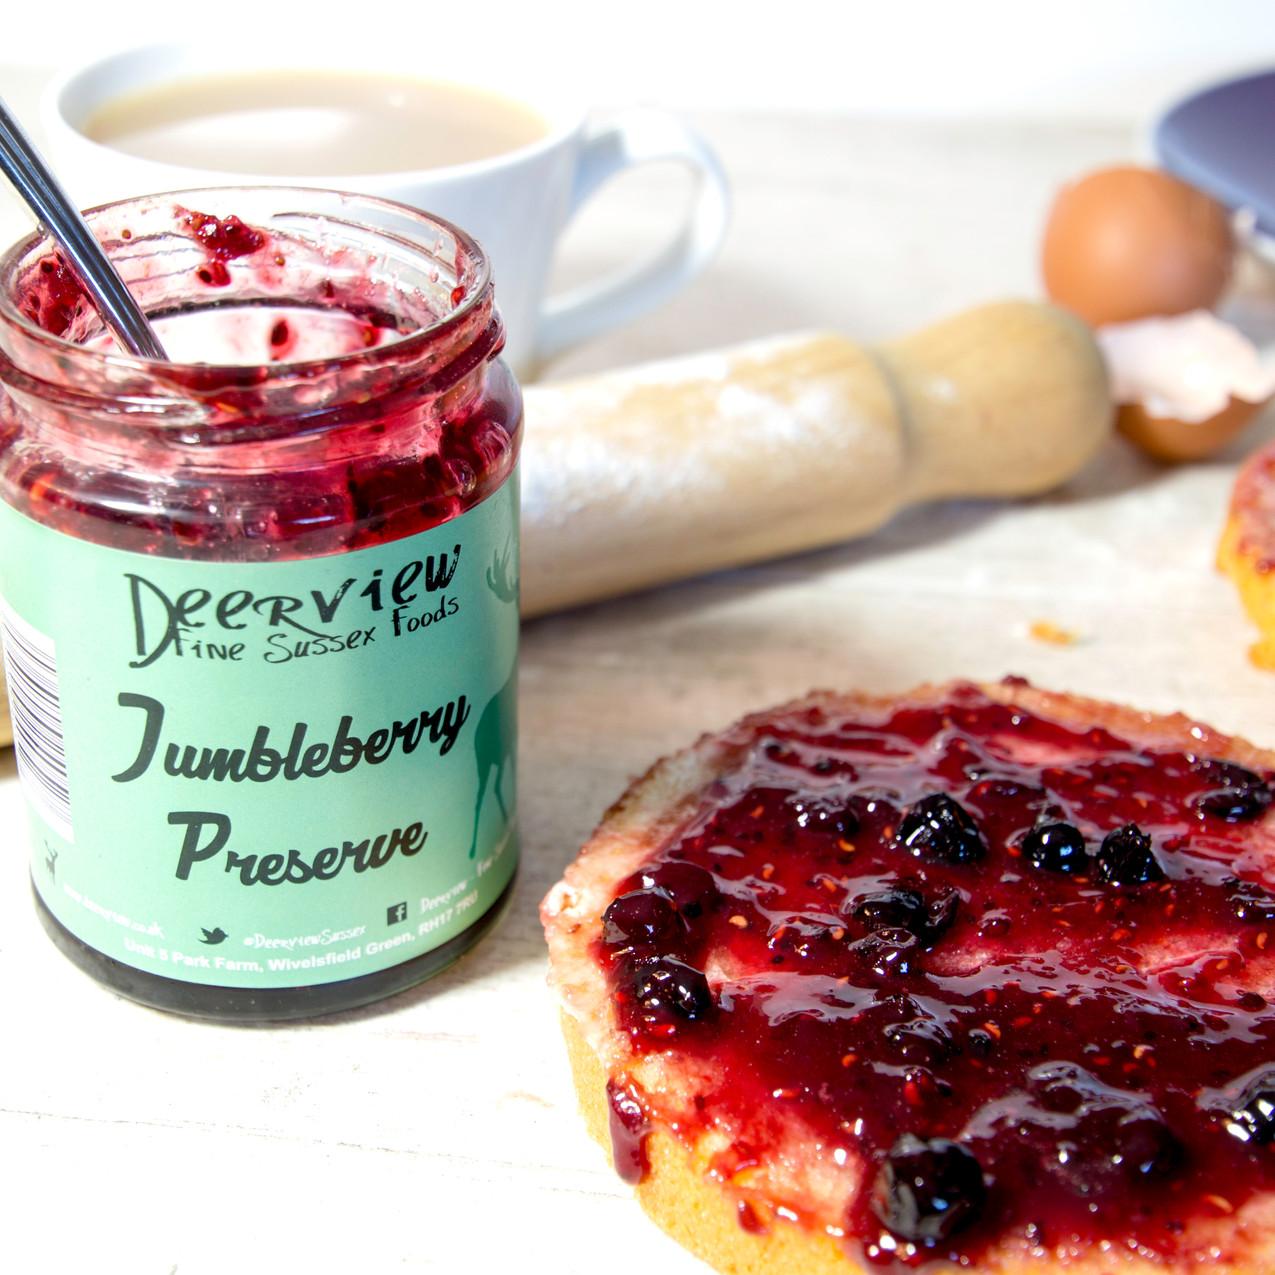 Jumbleberry sponge edited 448